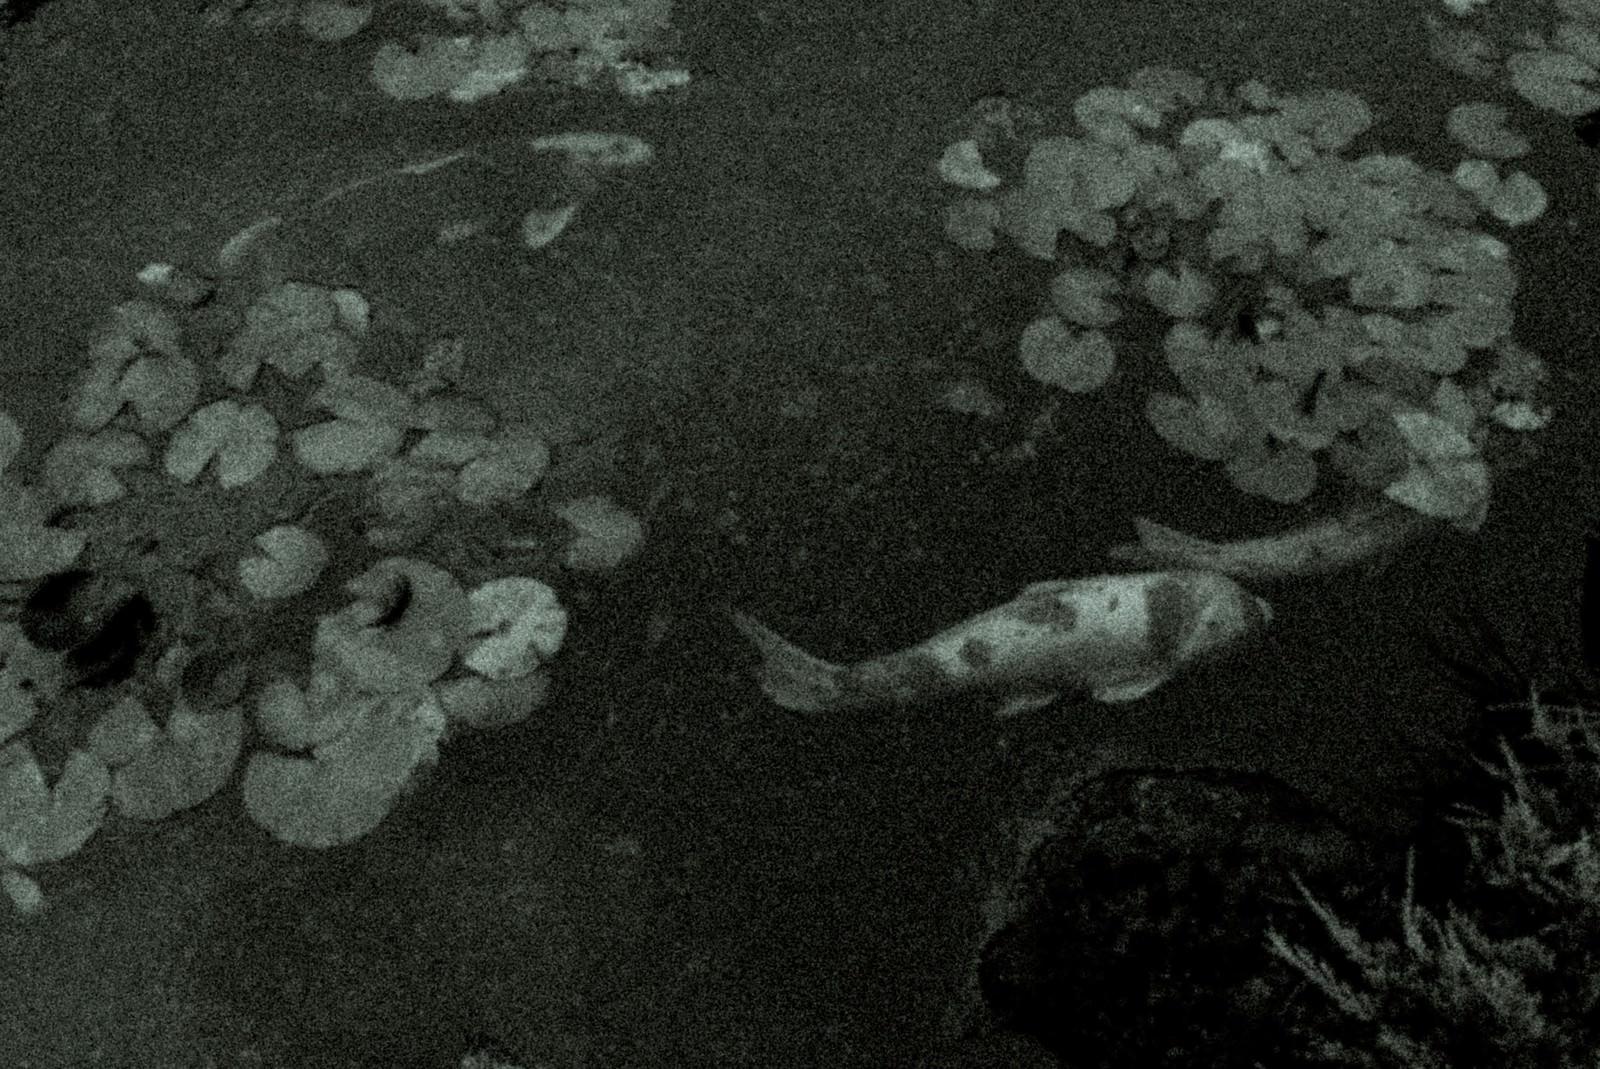 「池を泳ぐ鯉の姿(ノイズ)」の写真